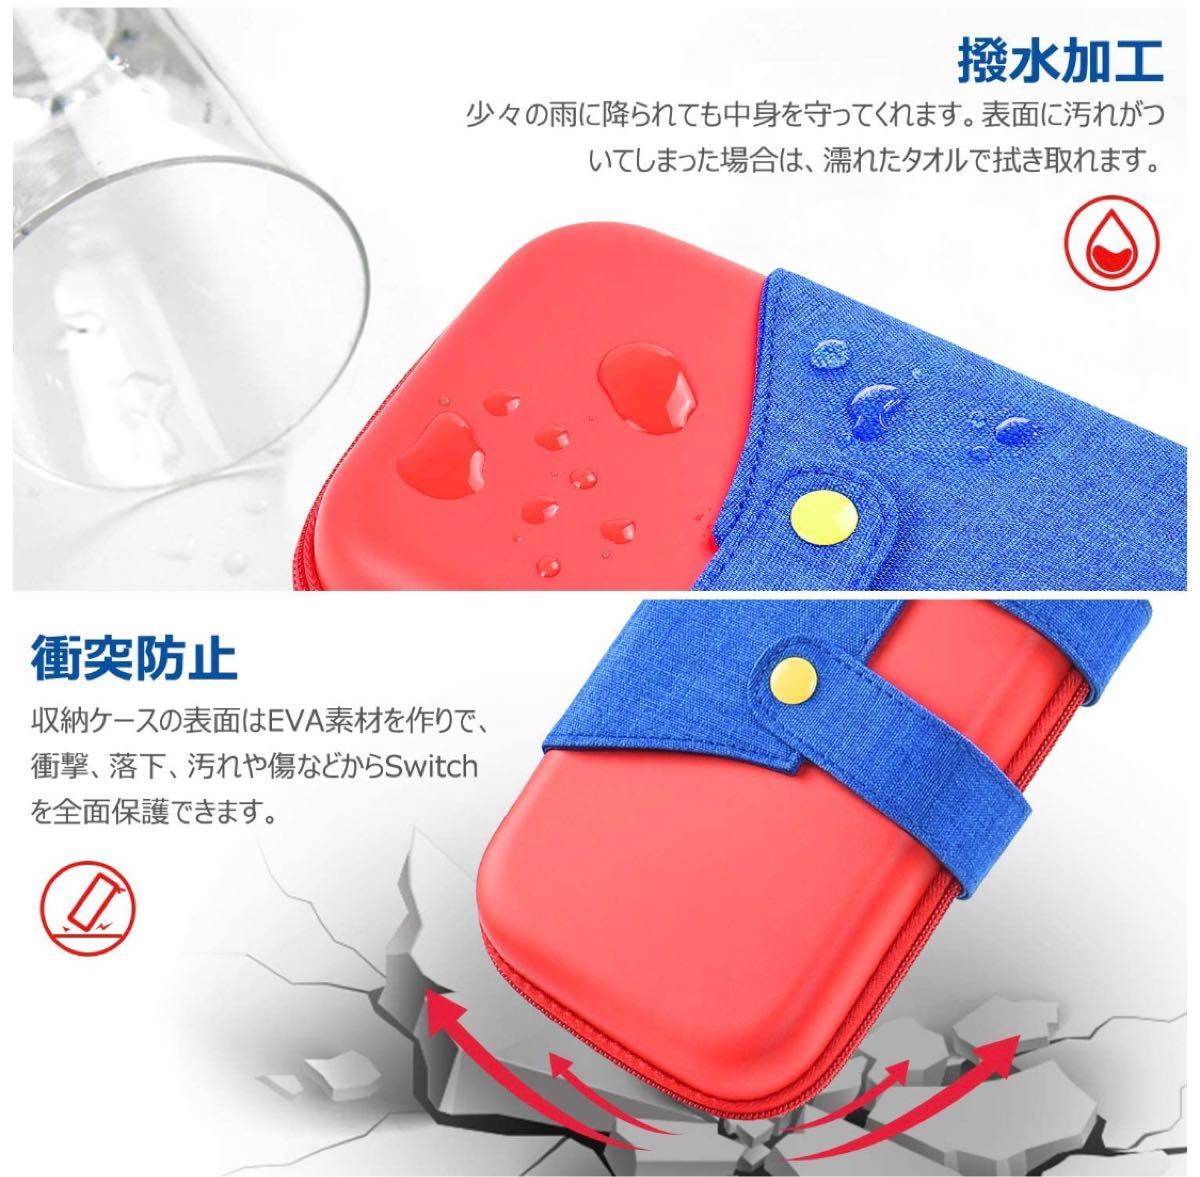 スイッチケース Nintendo Switch対応防水 防汚 耐衝撃 全面保護